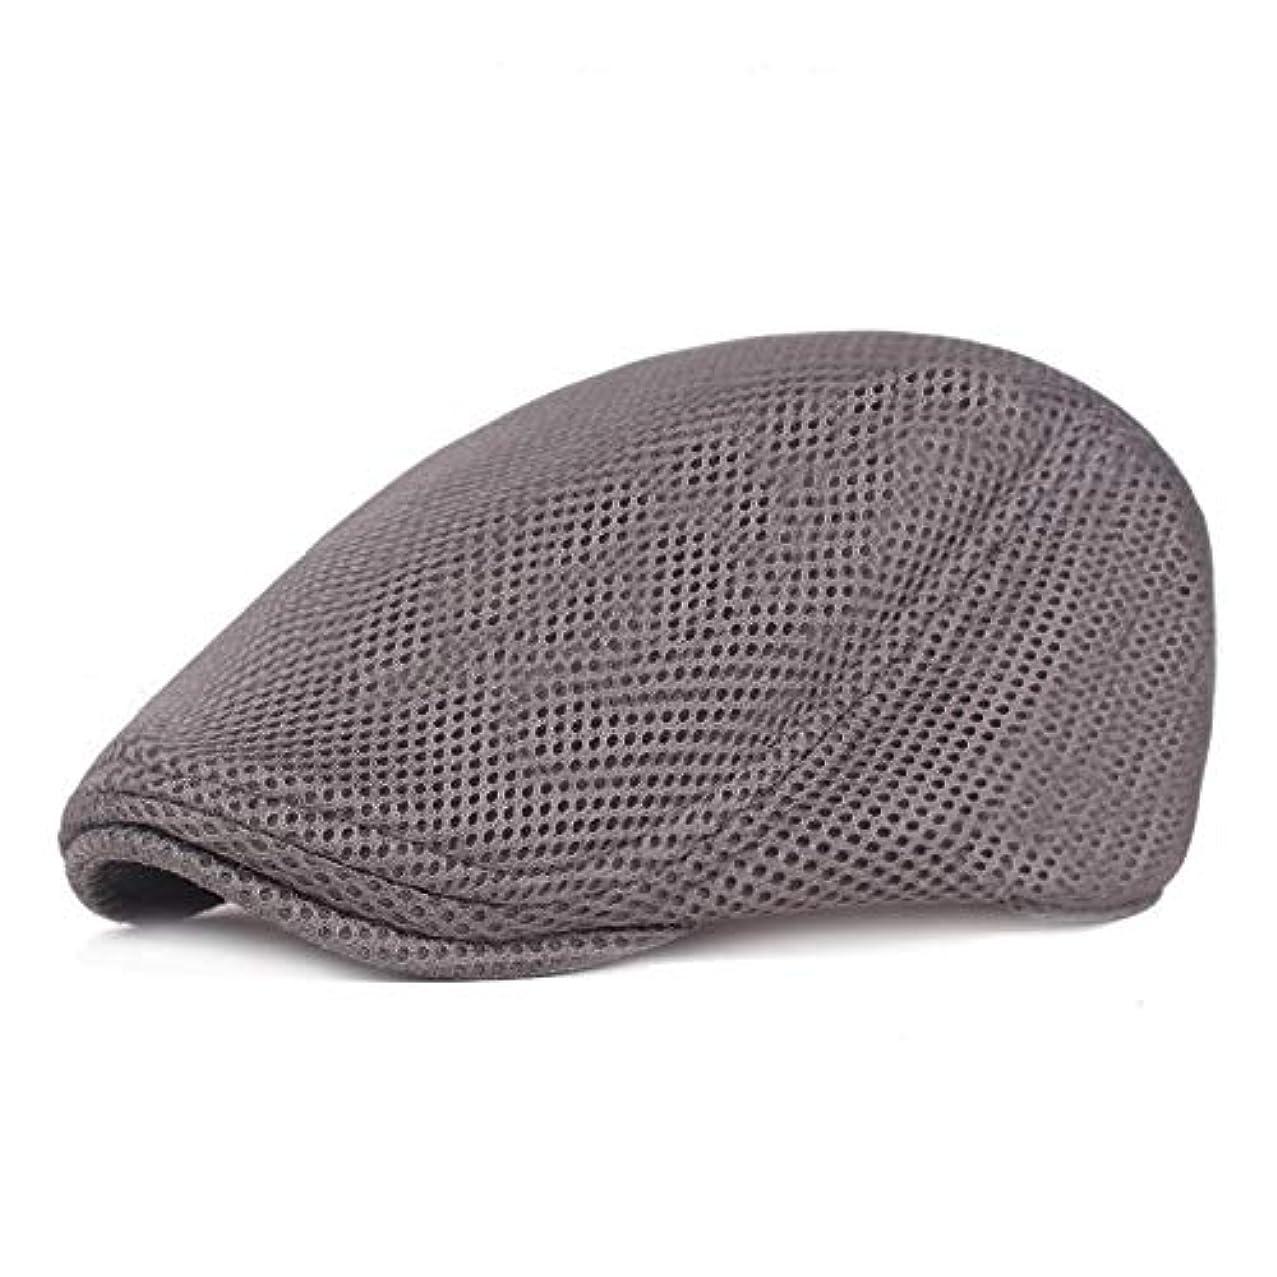 雄弁家かもしれないメッシュ ハンチング キャップ 夏用 綿 ベレー帽 調整可能ワークキャップ アウトドアキャップ 男女兼用